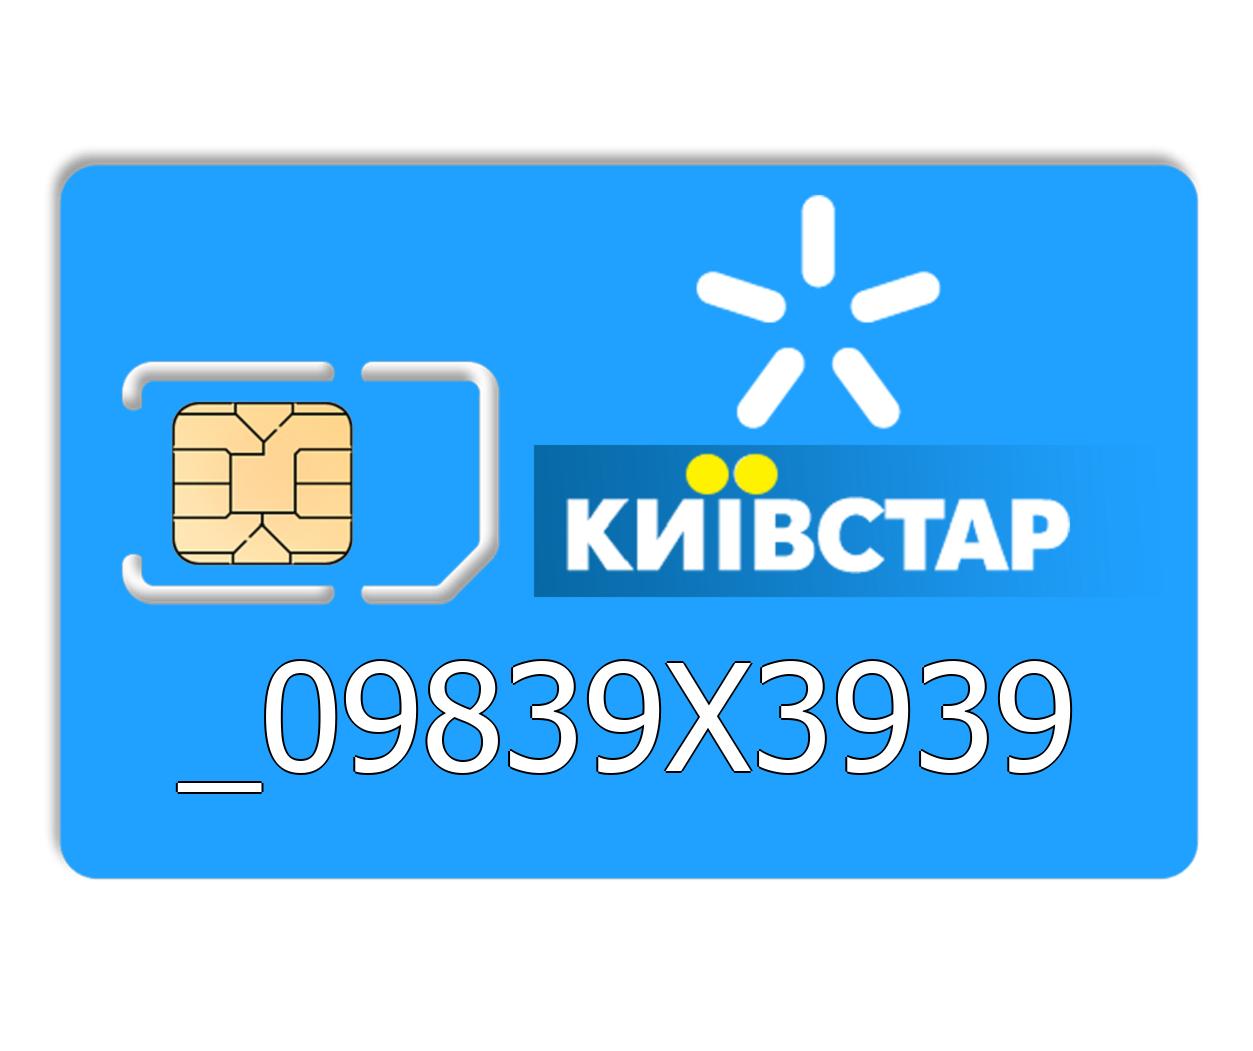 Красивый номер Киевстар 09839X3939